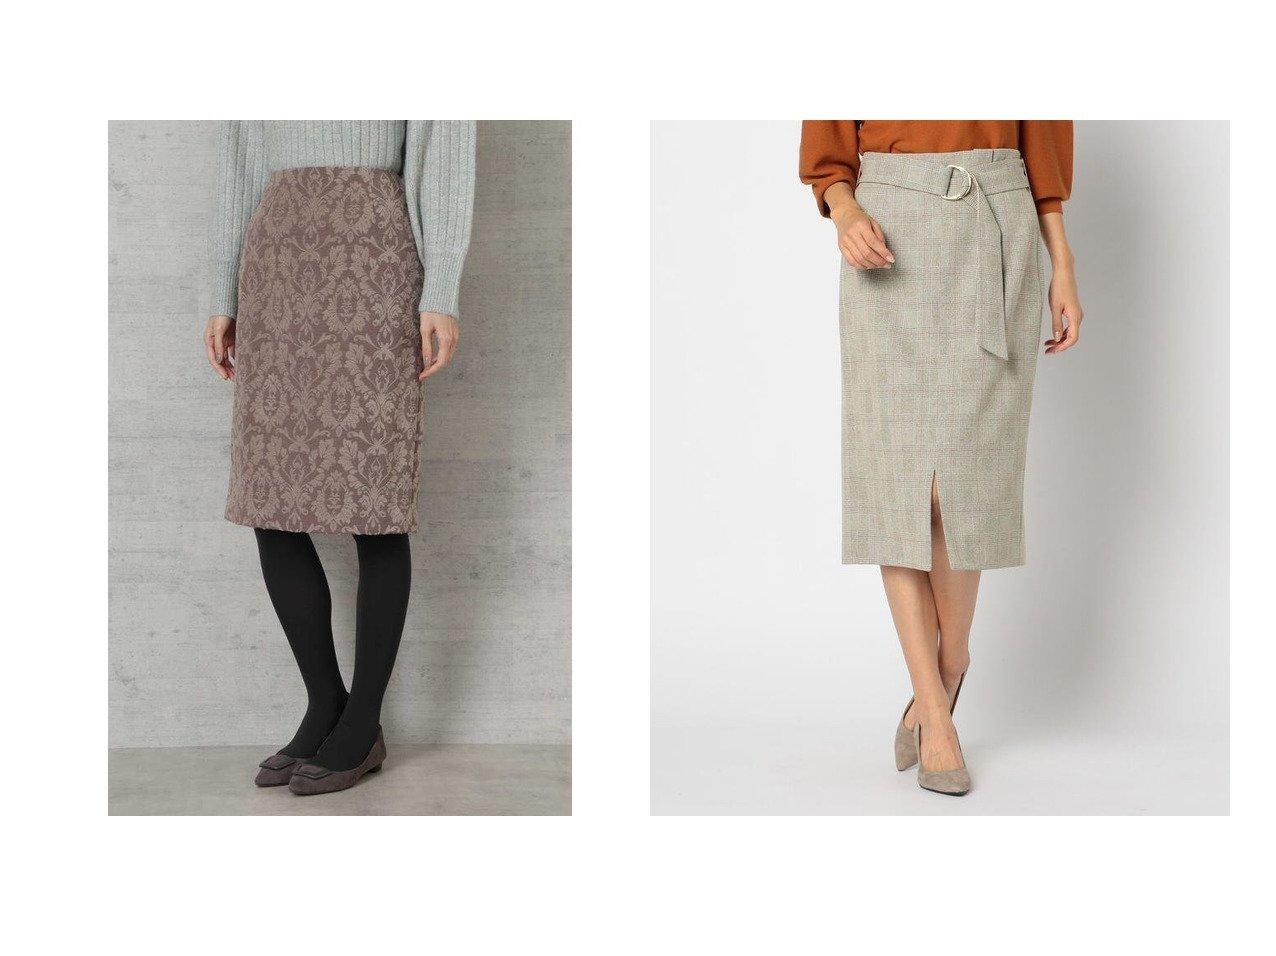 【NATURAL BEAUTY BASIC/ナチュラル ビューティー ベーシック】のオーナメントジャガードタイトスカート&【NOLLEY'S/ノーリーズ】のウールライクタイトスカート スカートのおすすめ!人気、レディースファッションの通販 おすすめで人気のファッション通販商品 インテリア・家具・キッズファッション・メンズファッション・レディースファッション・服の通販 founy(ファニー) https://founy.com/ ファッション Fashion レディース WOMEN スカート Skirt クラシカル シンプル タイトスカート ウォッシャブル ストレッチ スリット フロント |ID:crp329100000002672